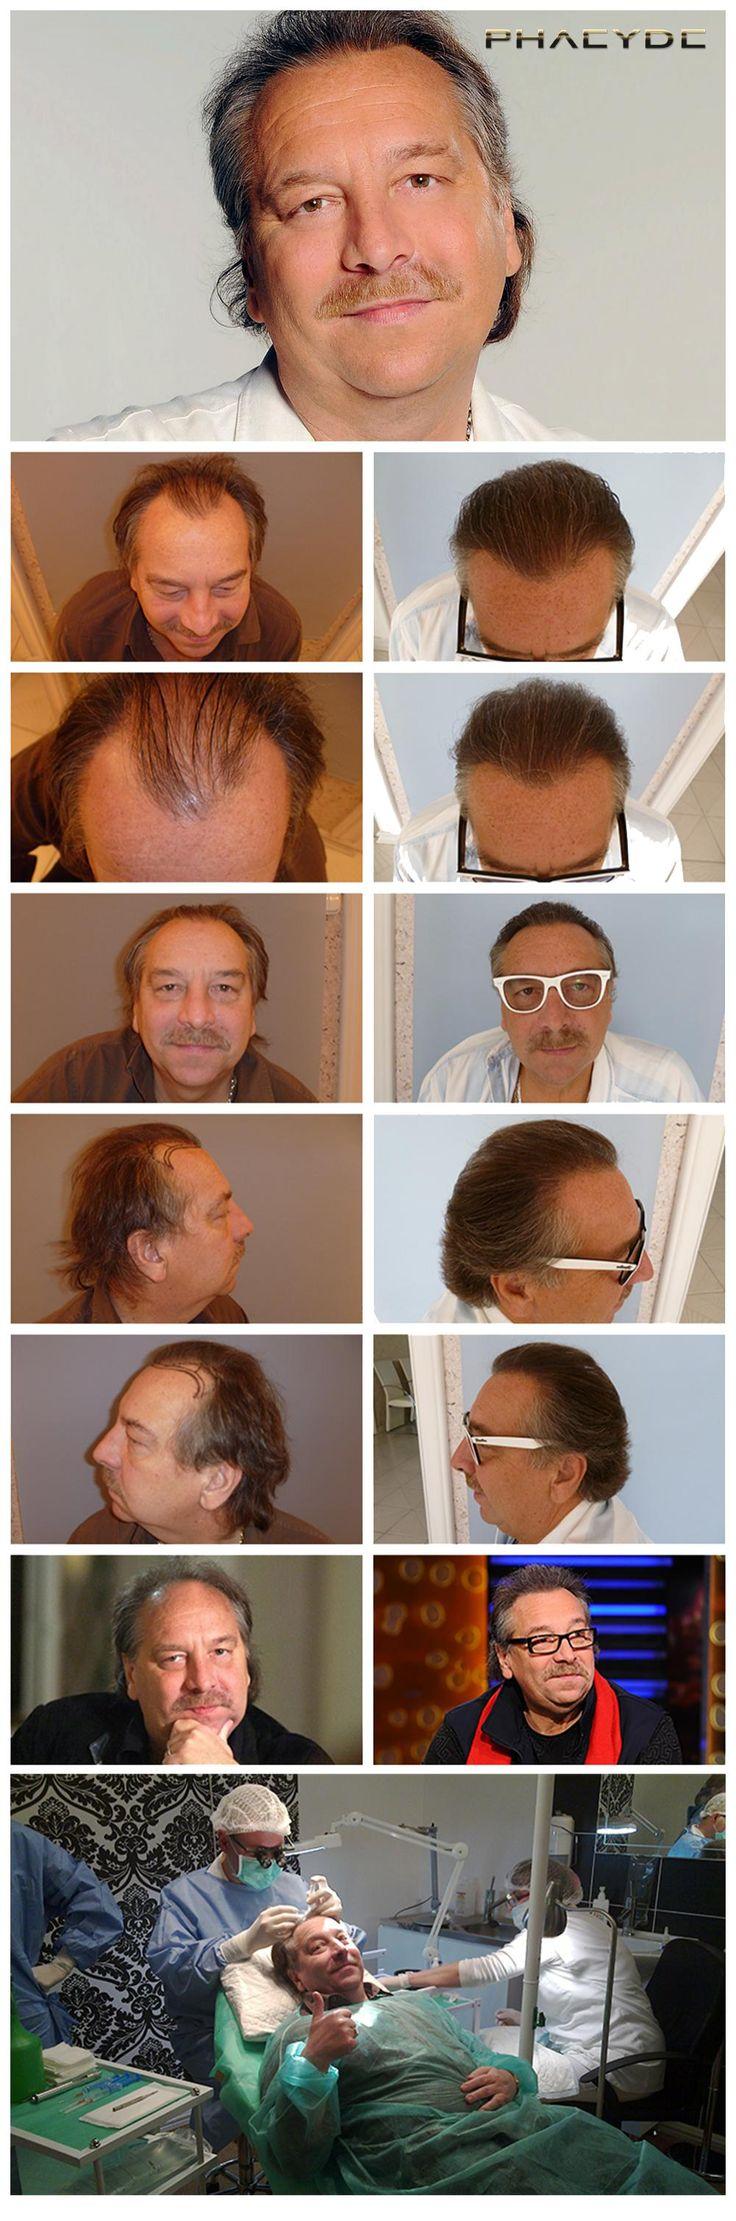 Implantación de pelo Resultado de 4.000 pelos - PHAEYDE Clínica Esta imagen muestra los resultados de los trasplantes de pelo de 4000, entre el pelo largo, plazo de 1 día - en la Clínica PHAEYDE. Las fotos fueron tomadas después de 1 año después de la implantación. http://es.phaeyde.com/trasplante-de-cabello